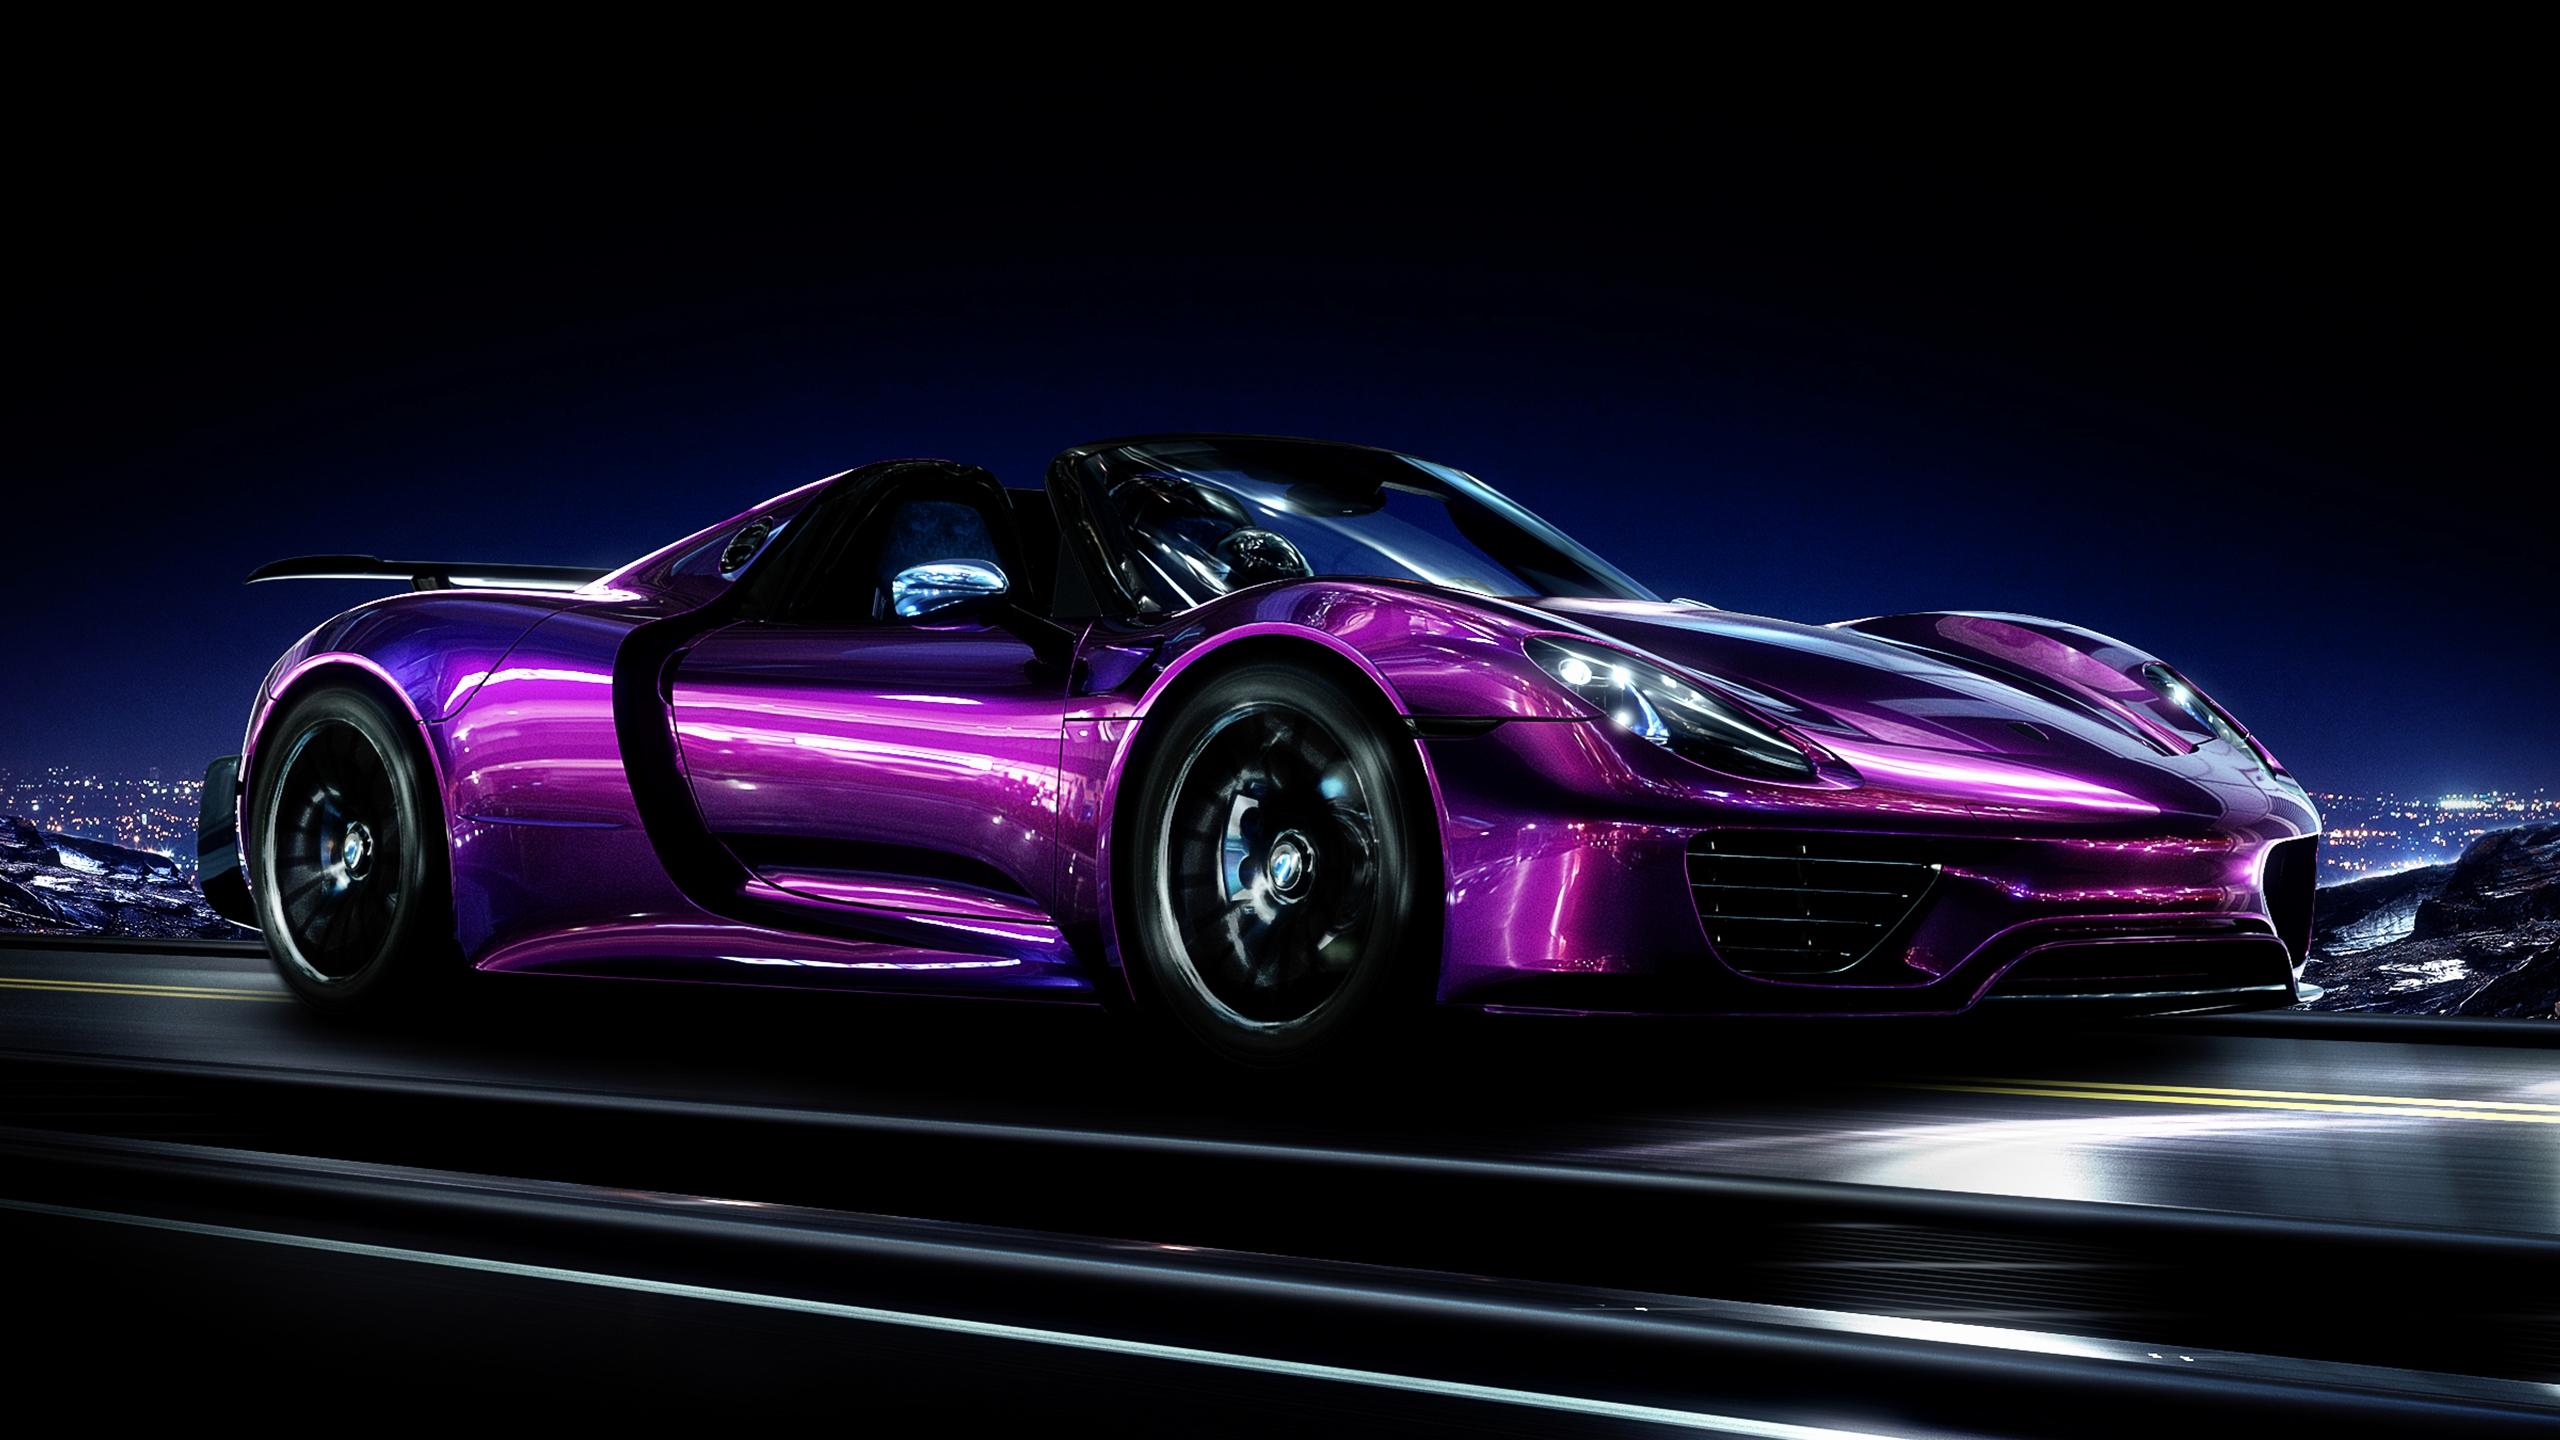 Spyder 911 Porsche 2020 2560x1440 Download Hd Wallpaper Wallpapertip